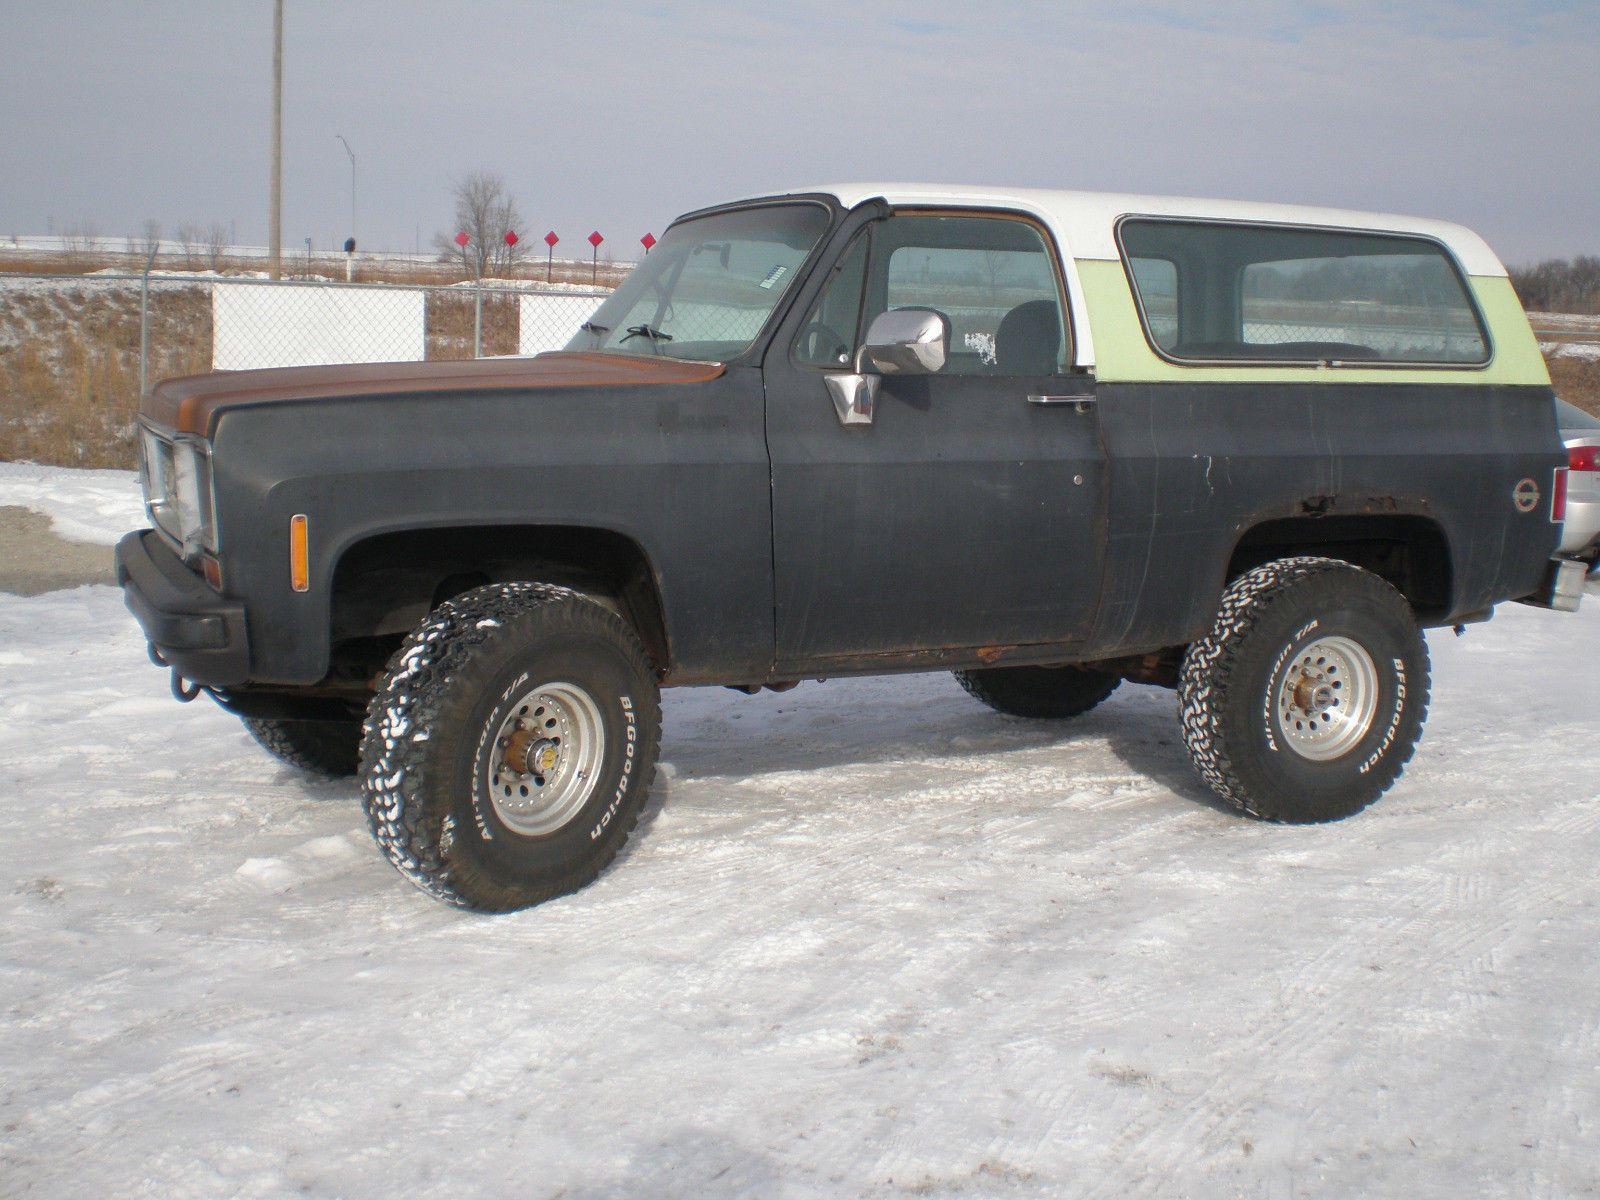 1988 Chevrolet Blazer Silverado K5 4x4 2 Door 5 7l Lift 35